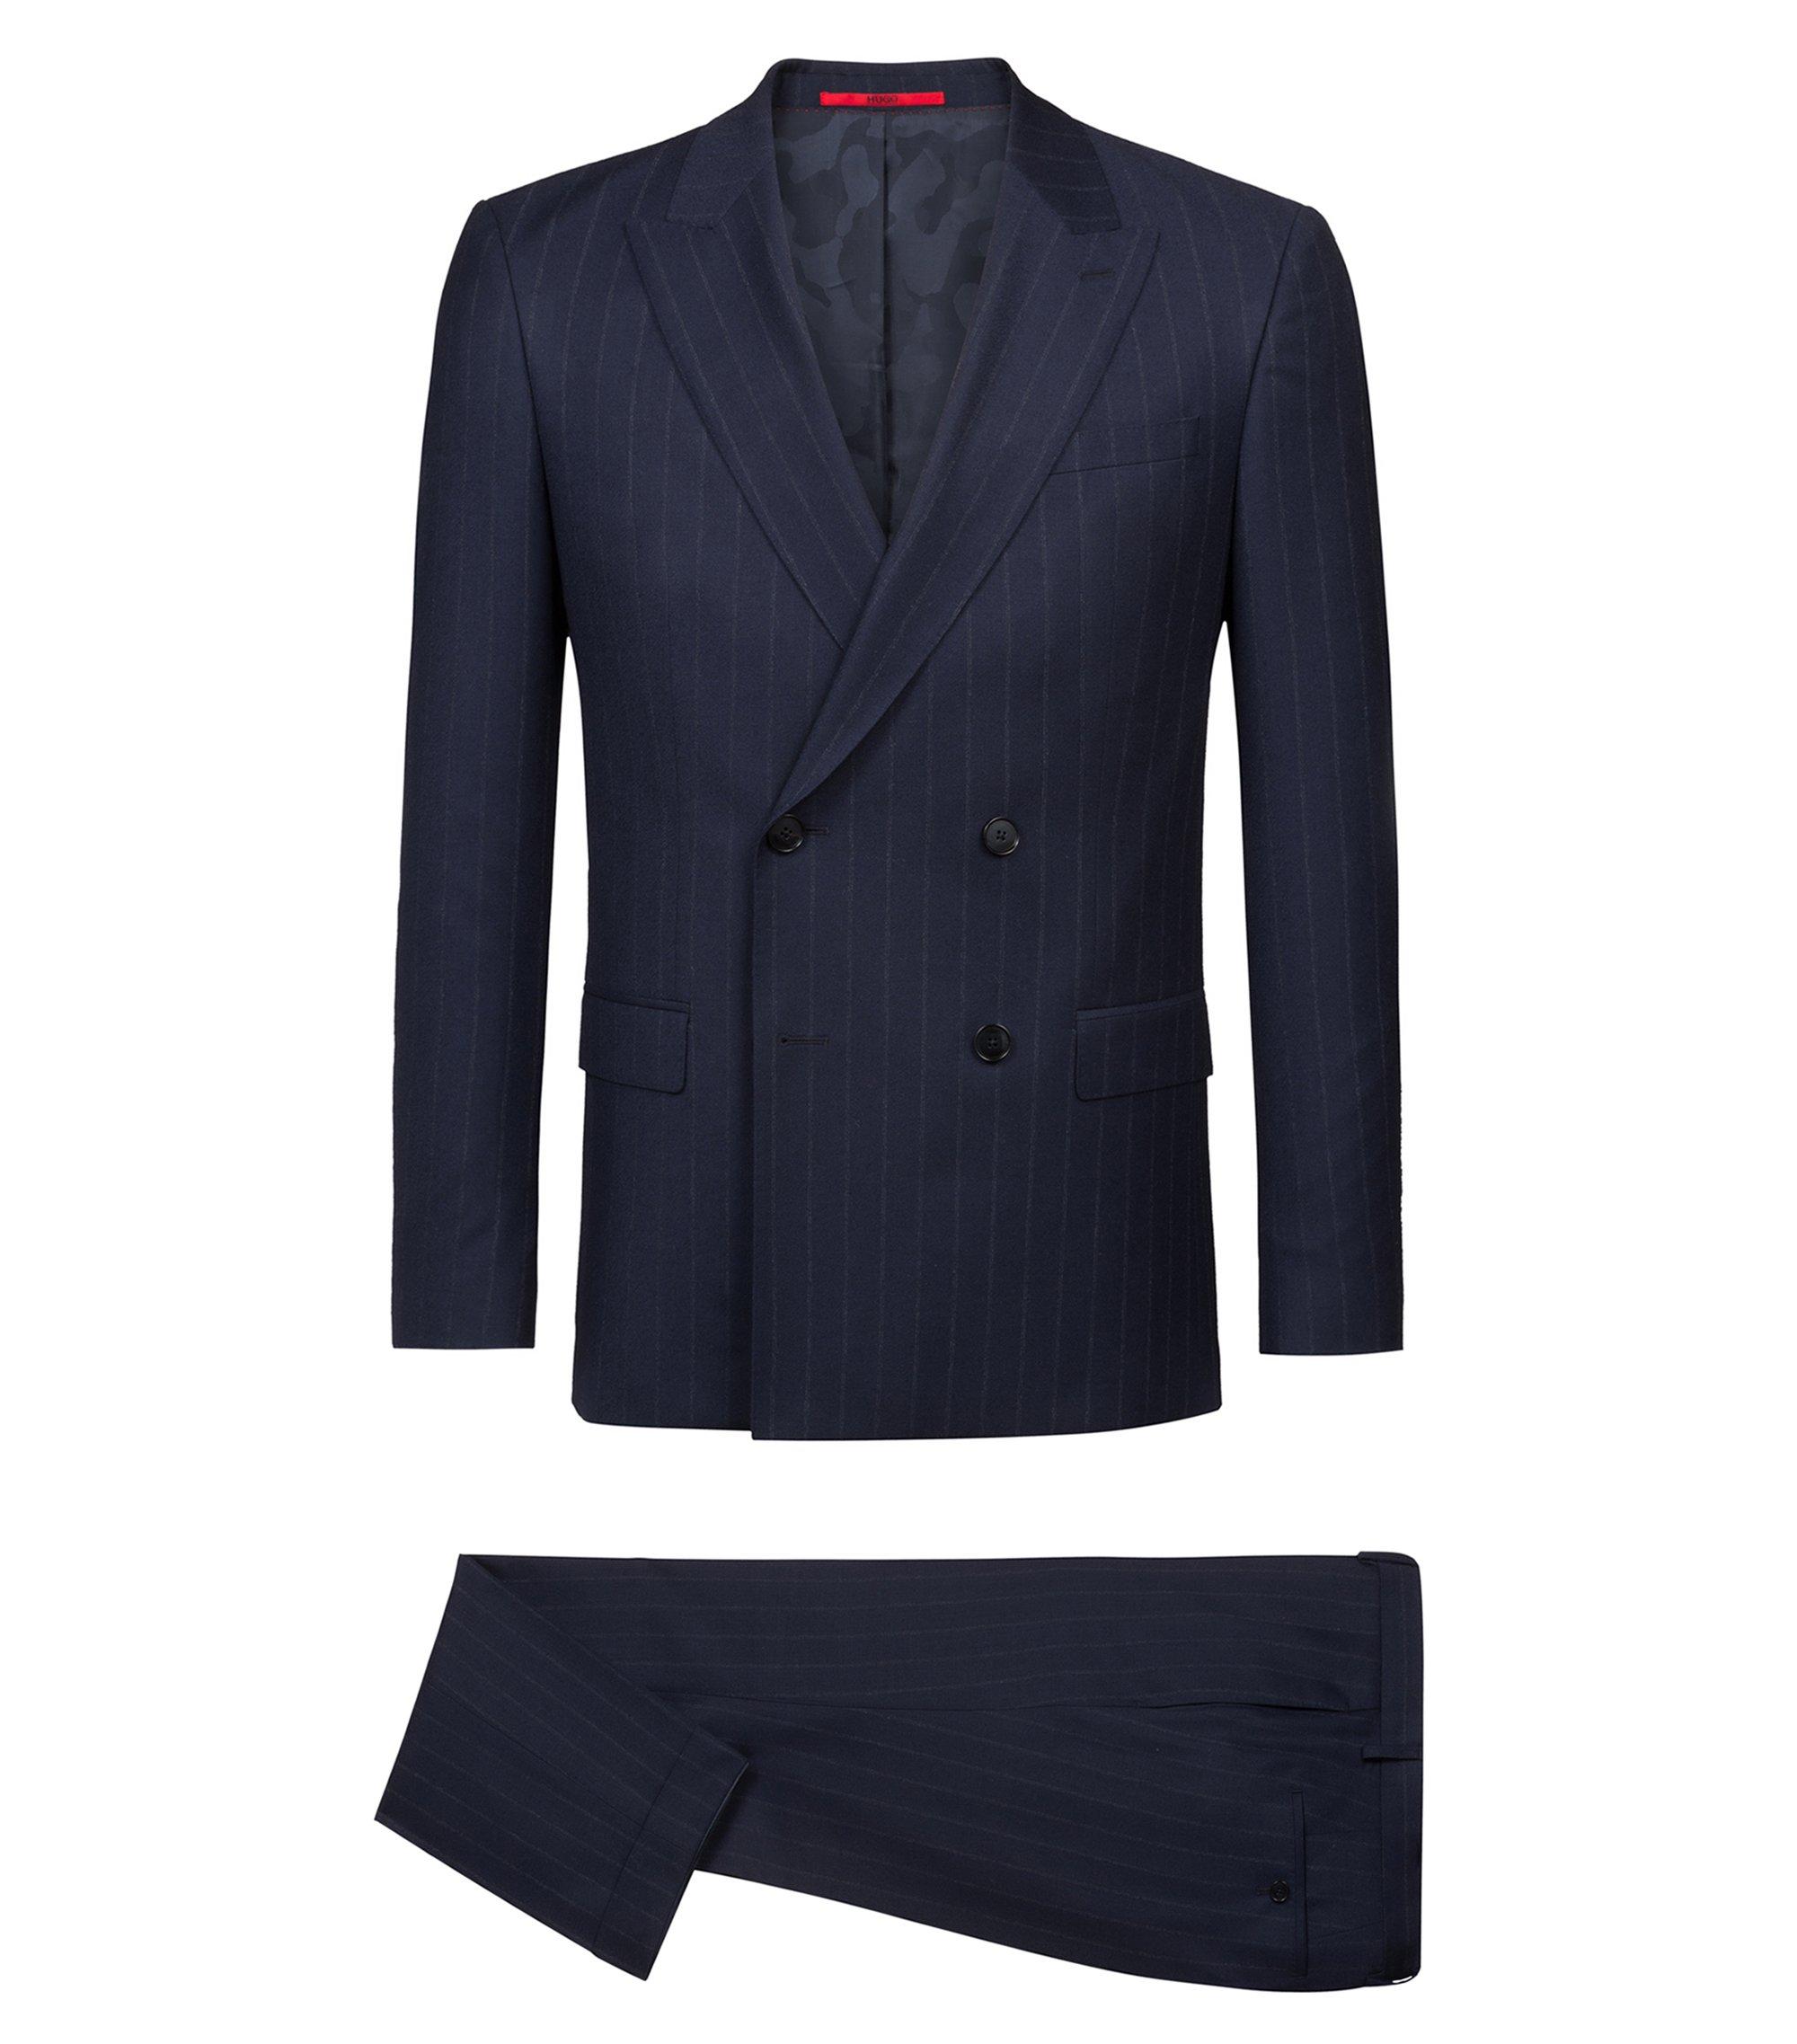 Abito slim fit gessato in lana vergine realizzata in Italia, Blu scuro